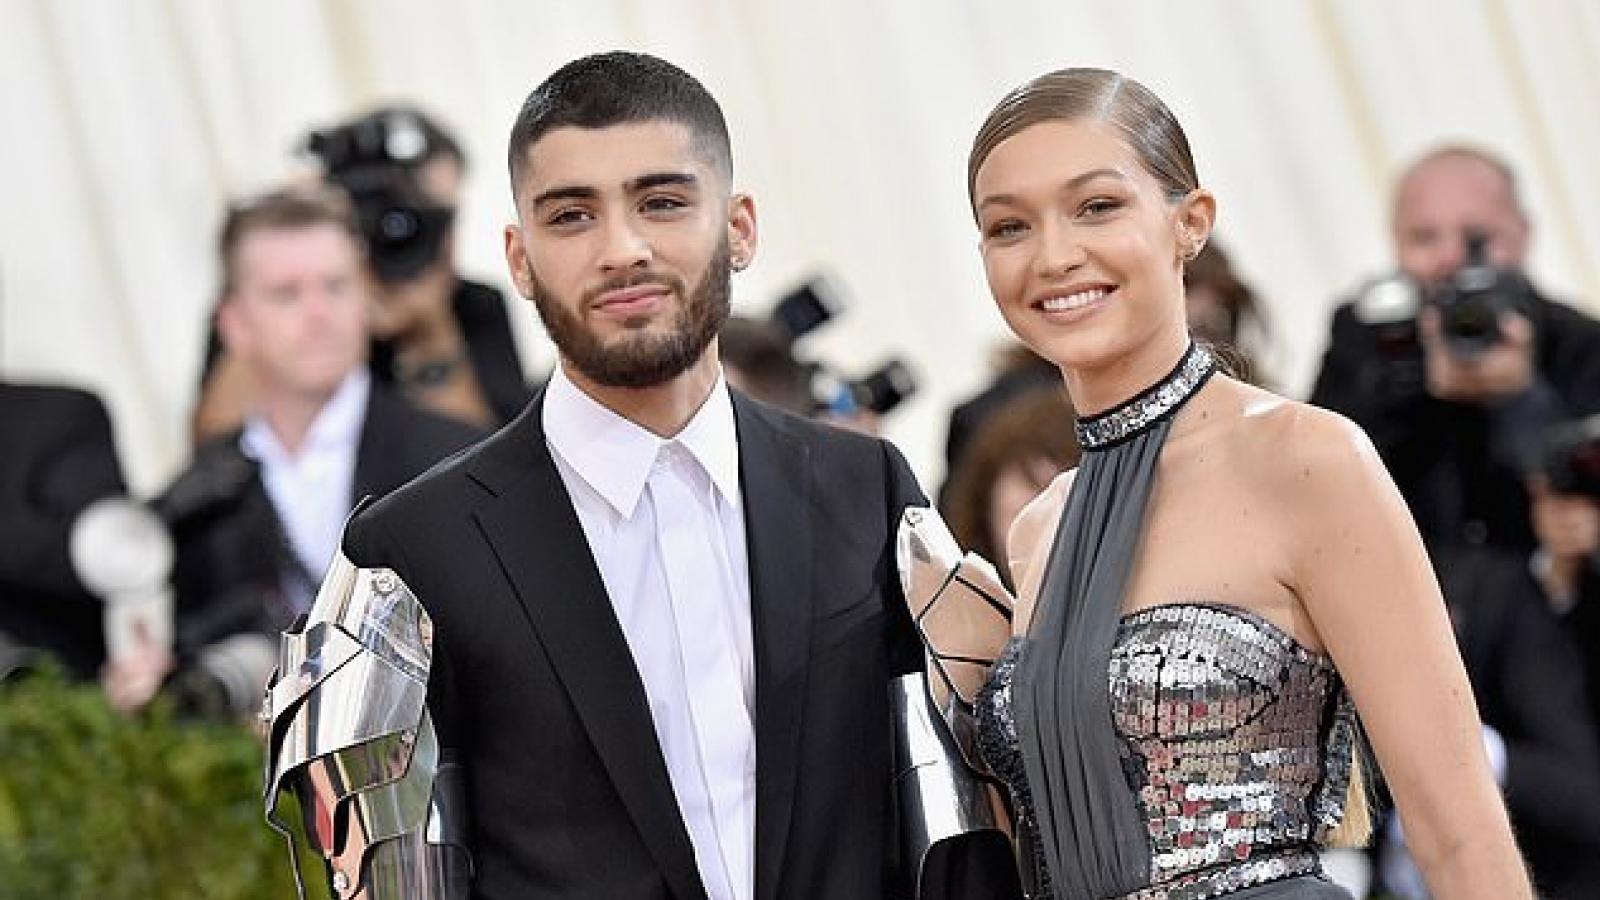 Siêu mẫu Gigi Hadid đã hạ sinh con gái đầu lòng